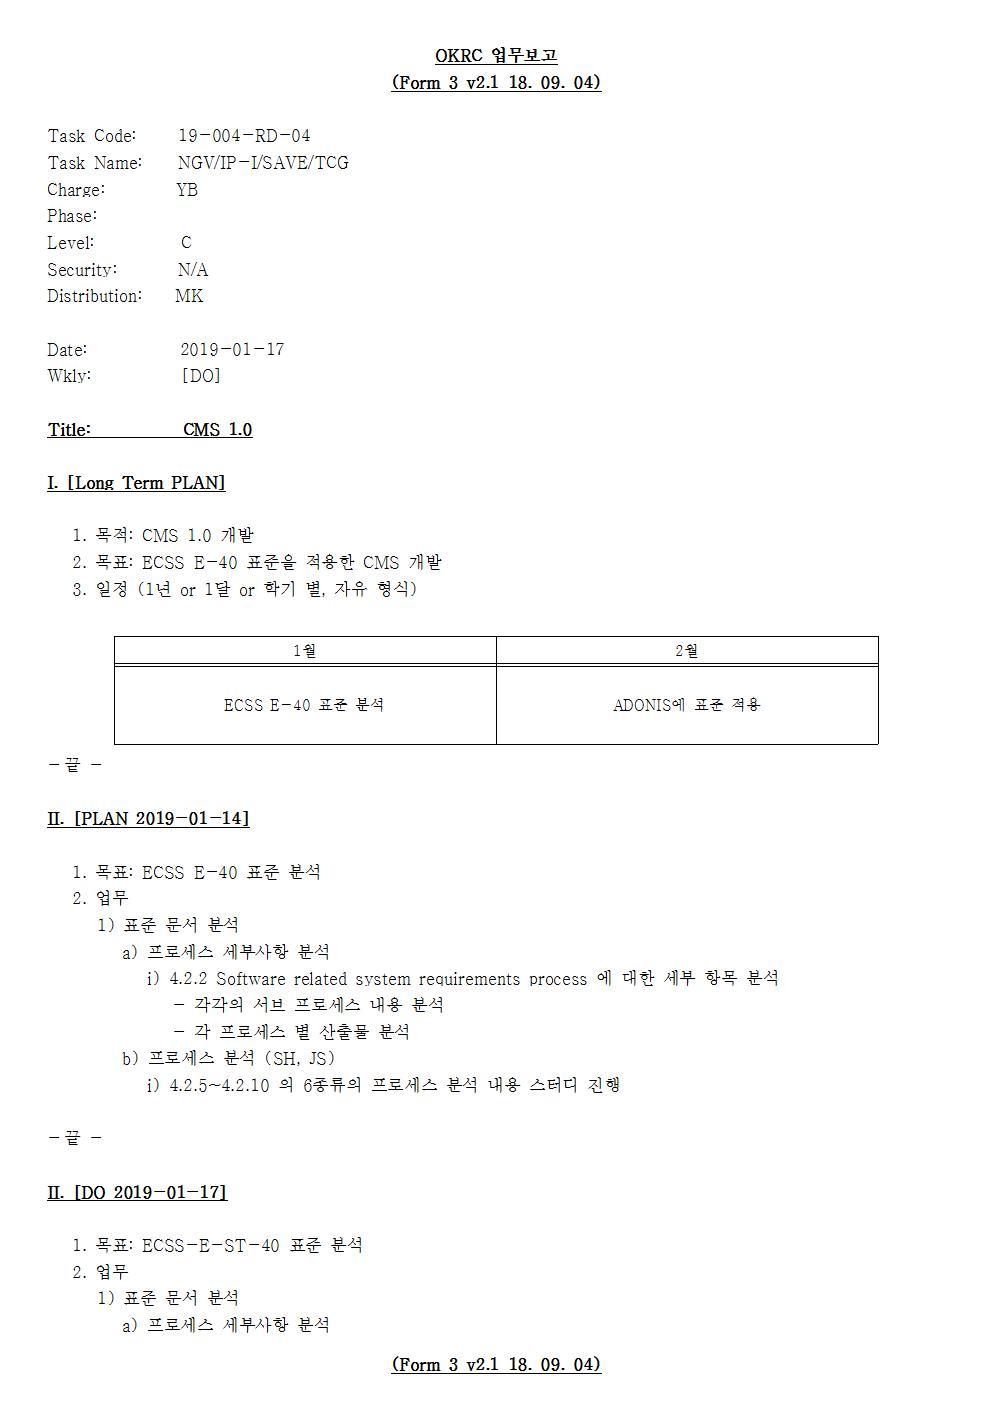 D-[19-004-RD-04]-[CMS]-[2019-01-17][YB]001.jpg